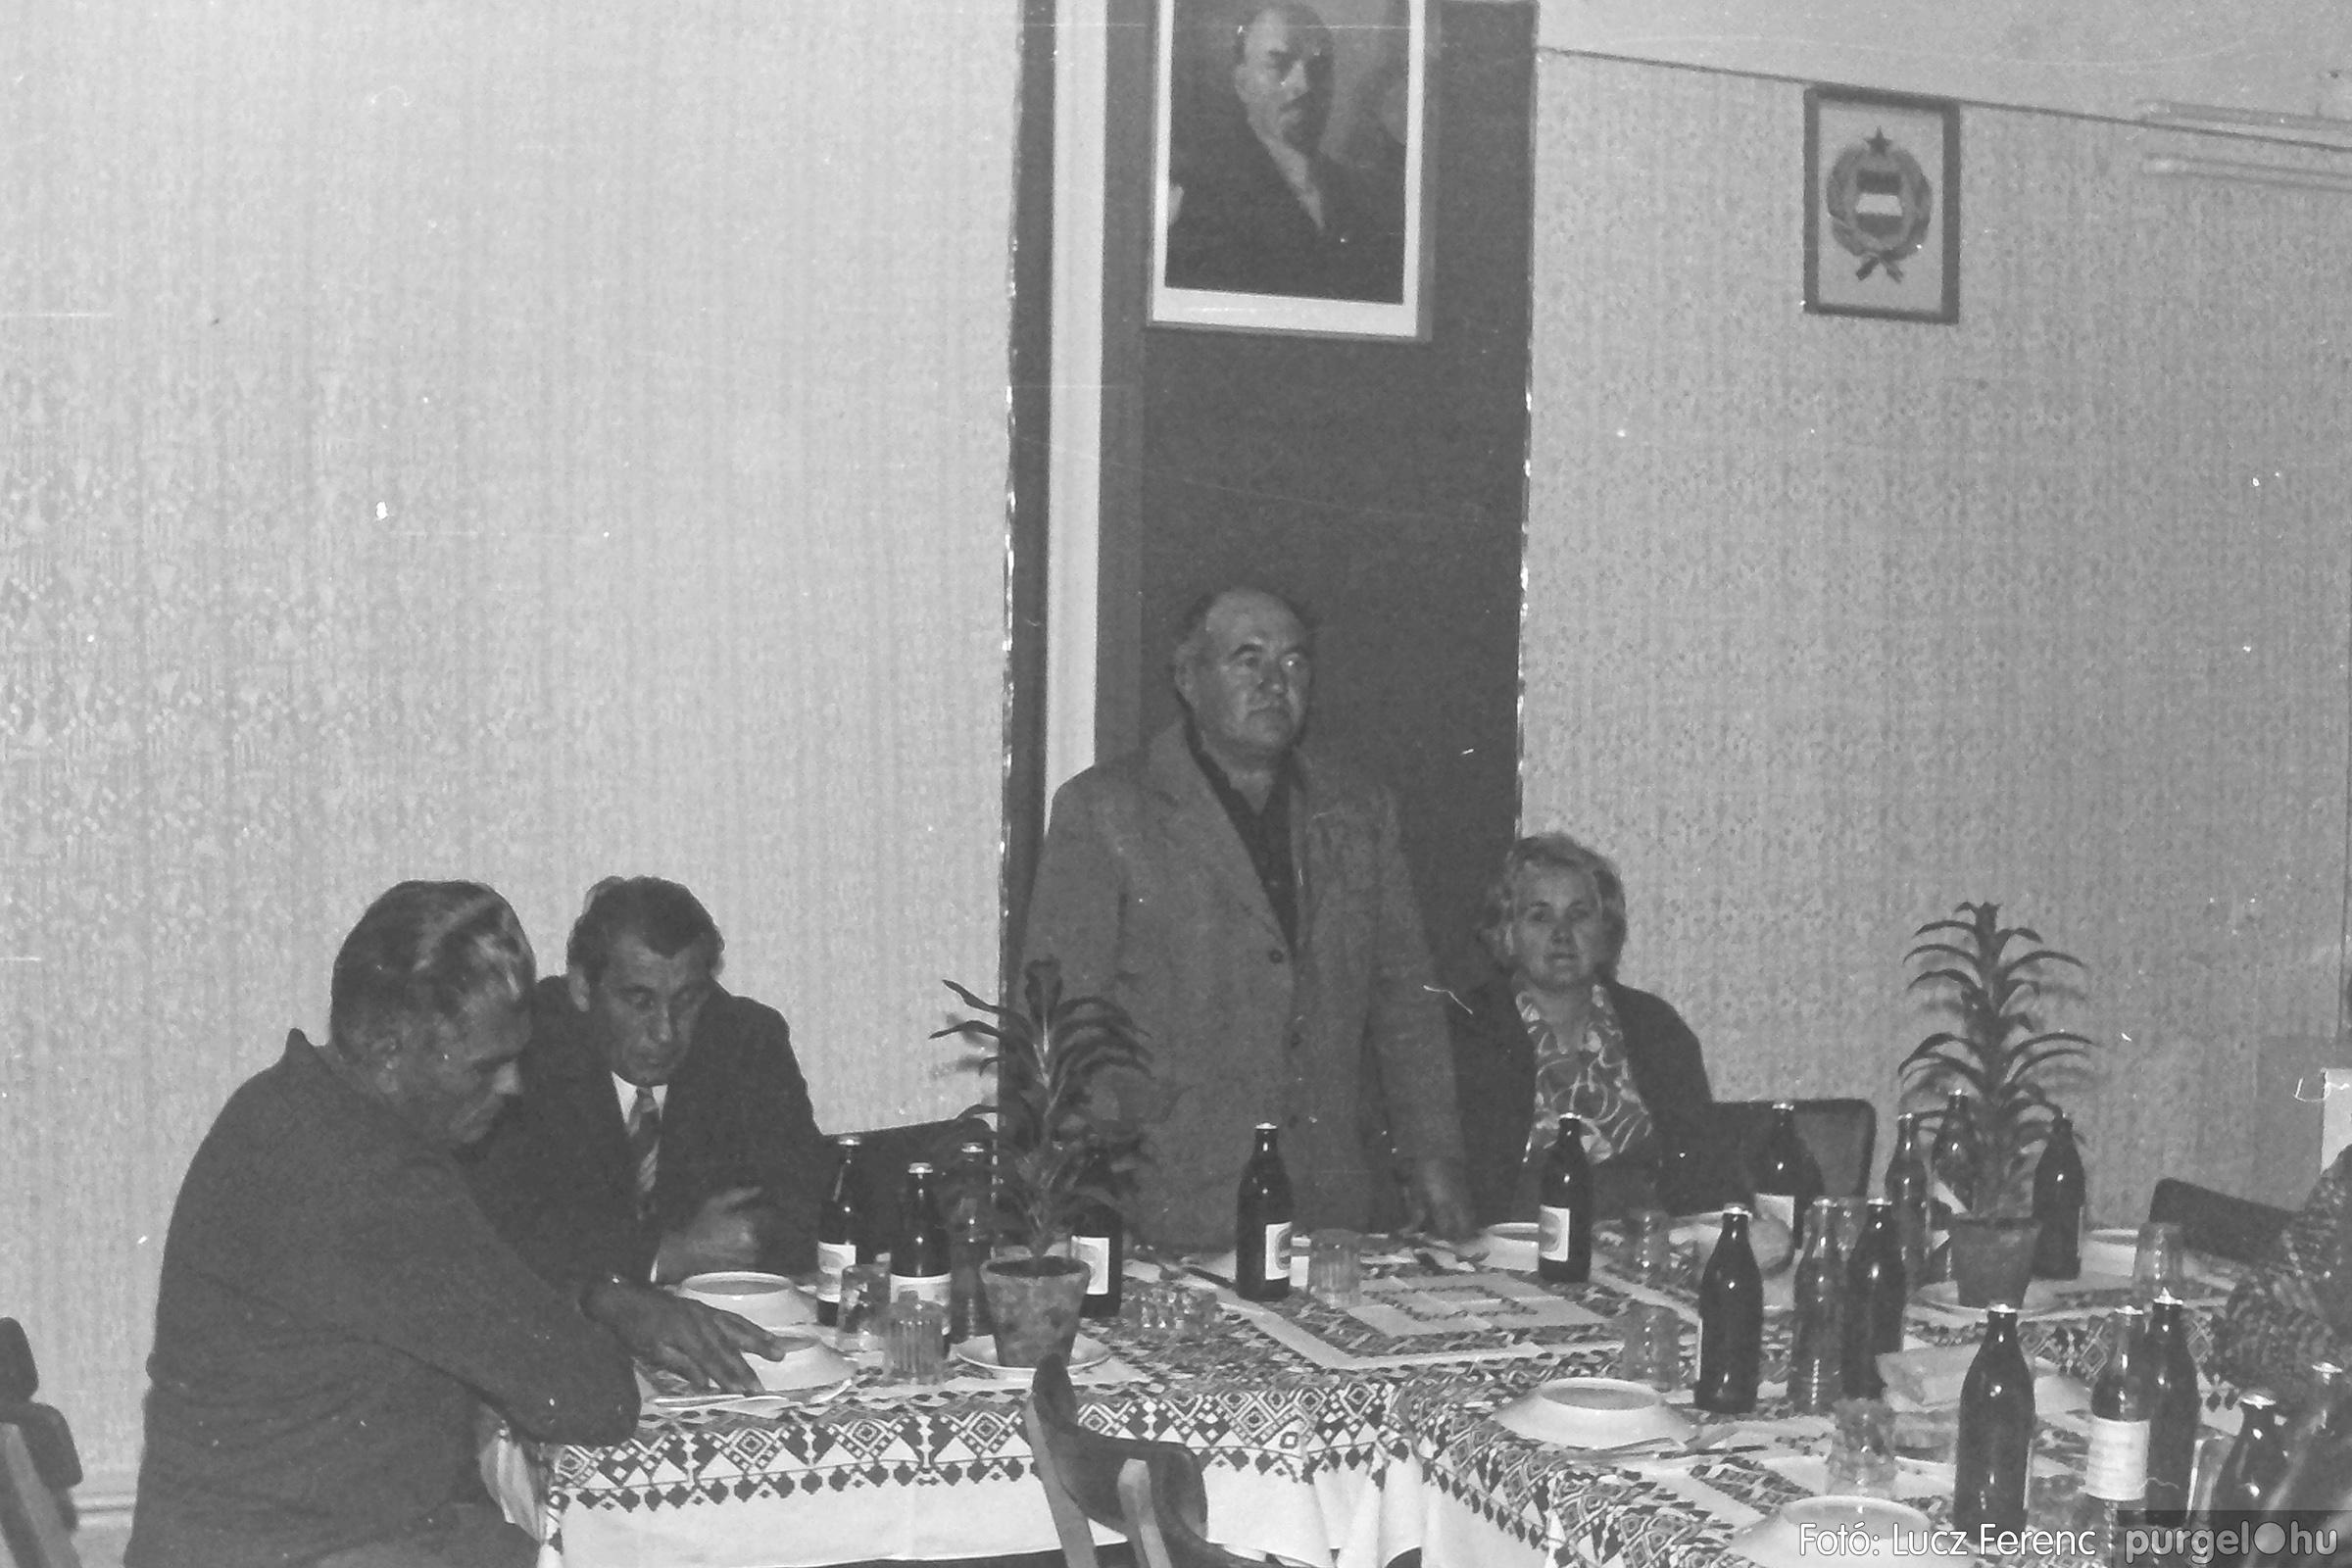 088A. 1977. Nyugdíjas találkozó a Kendergyárban 009. - Fotó: Lucz Ferenc.jpg